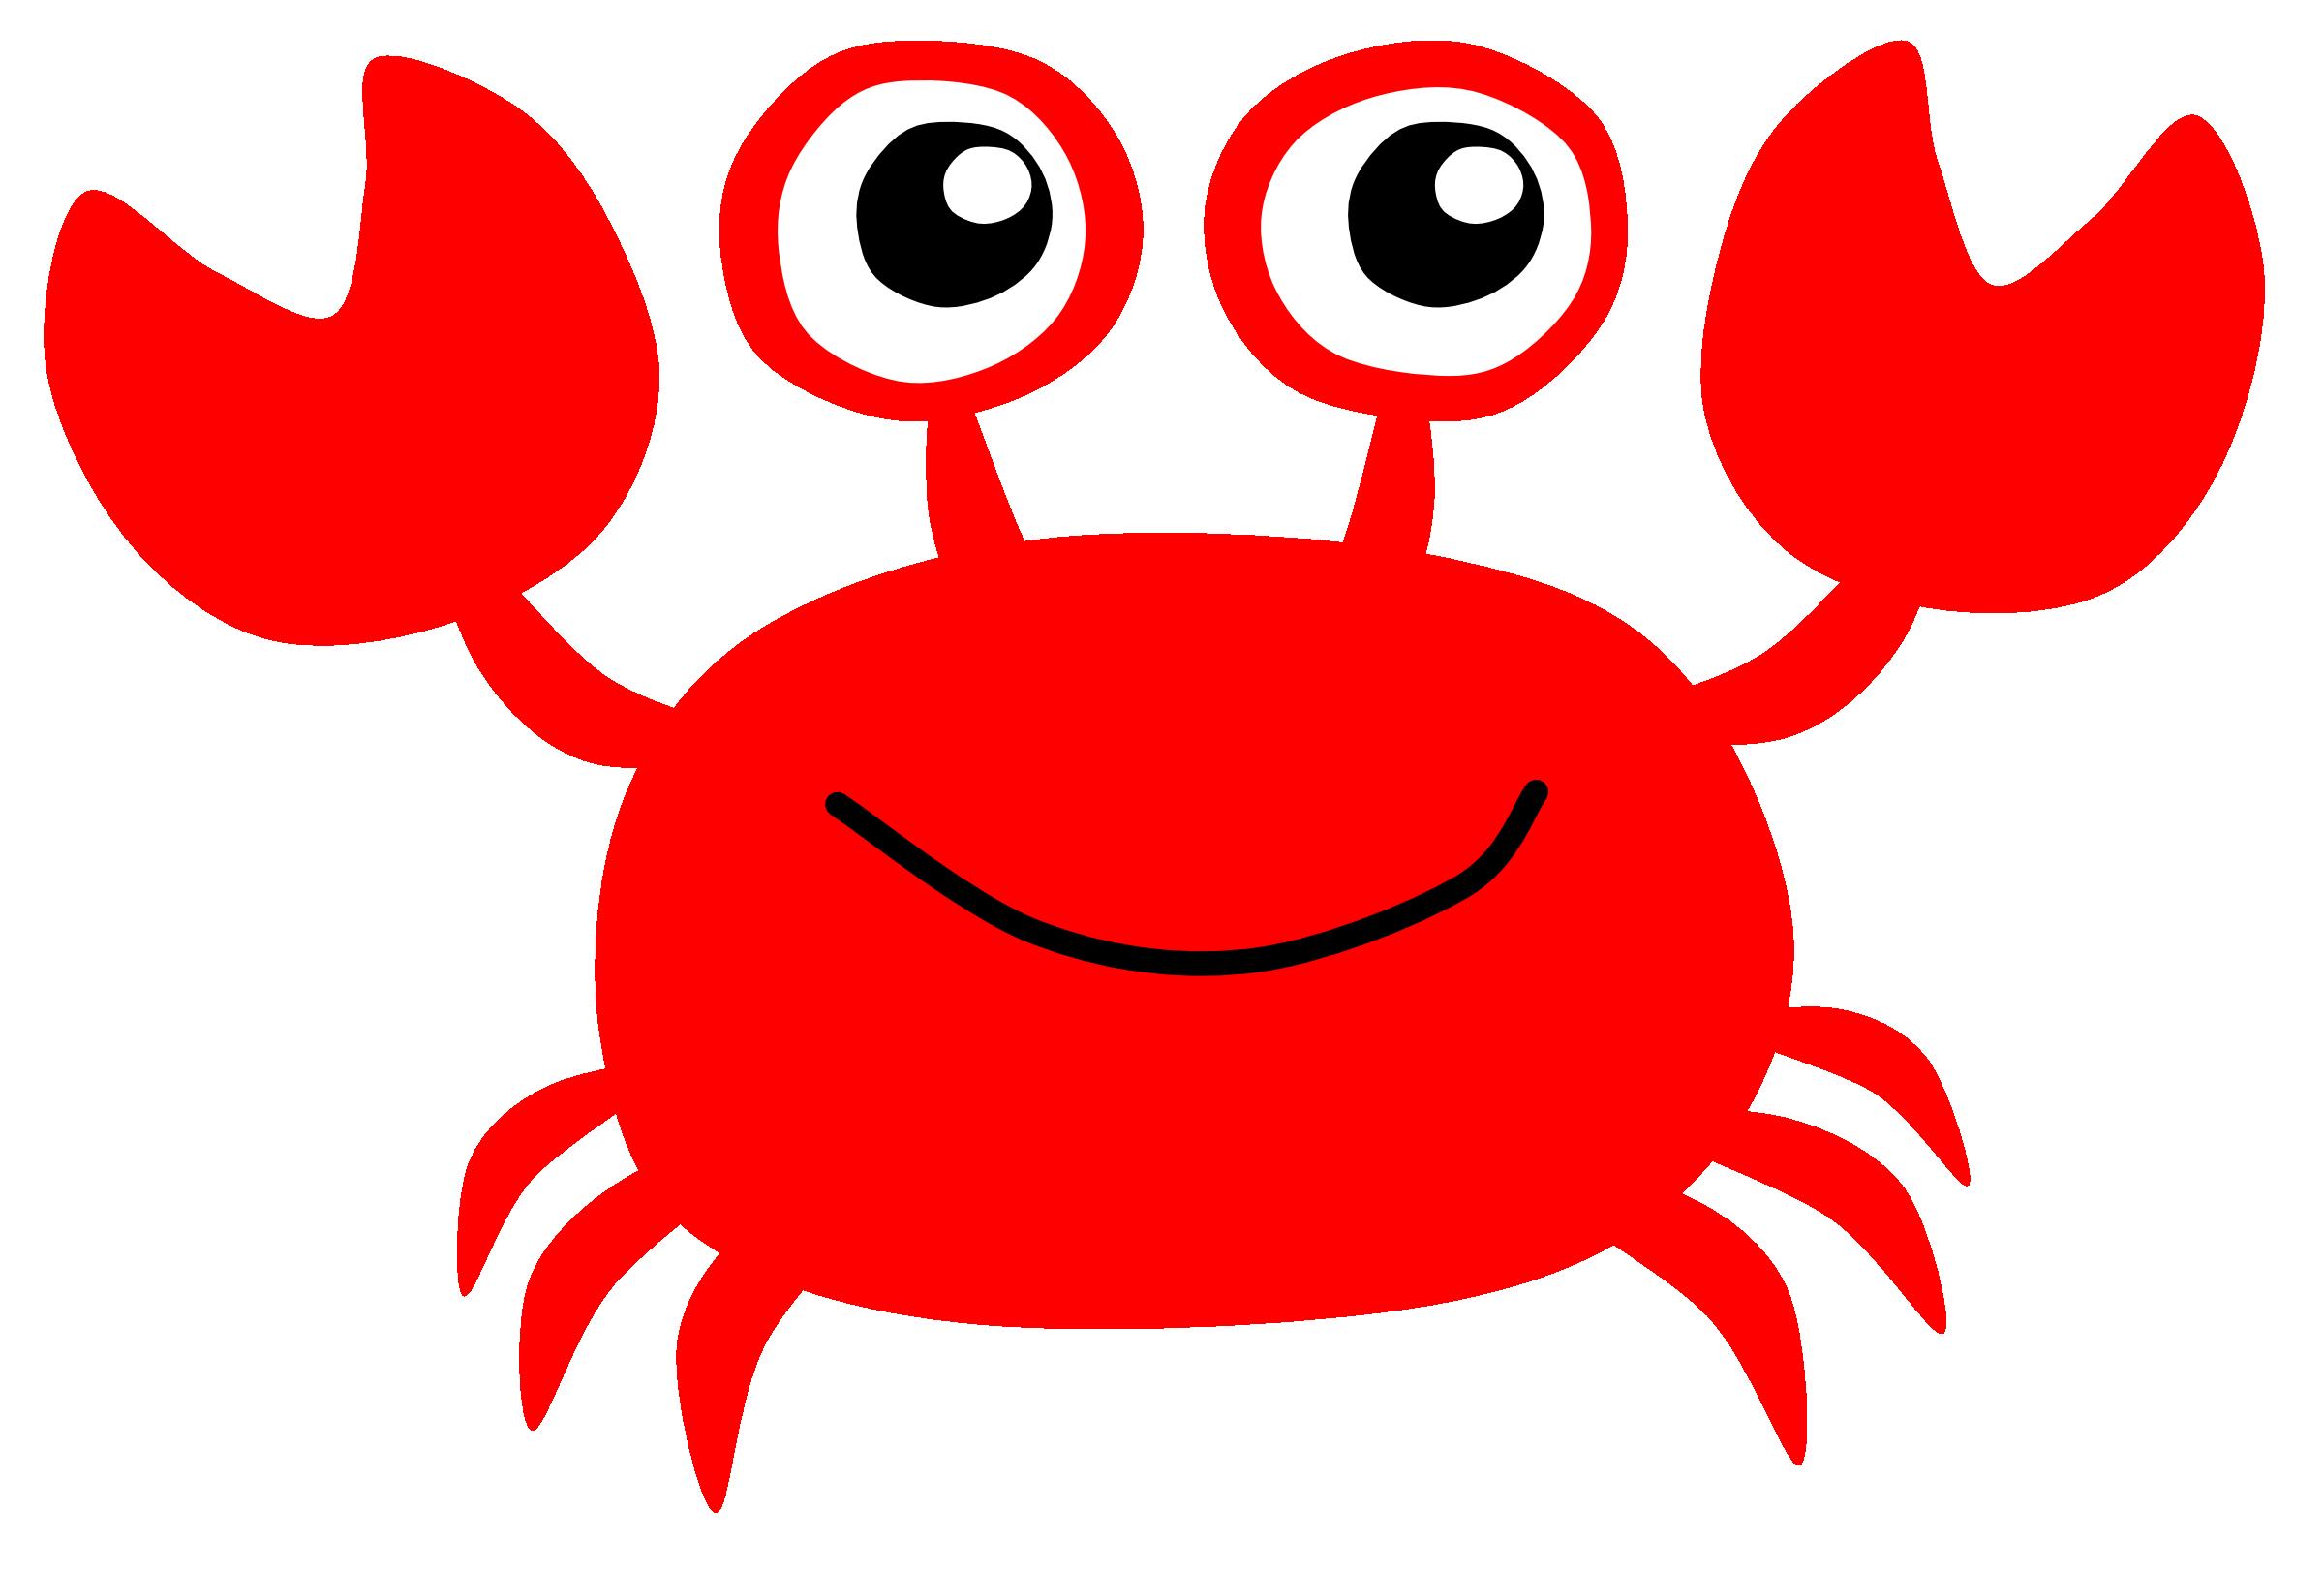 Crabs crab clipart free clip art images clipartwiz